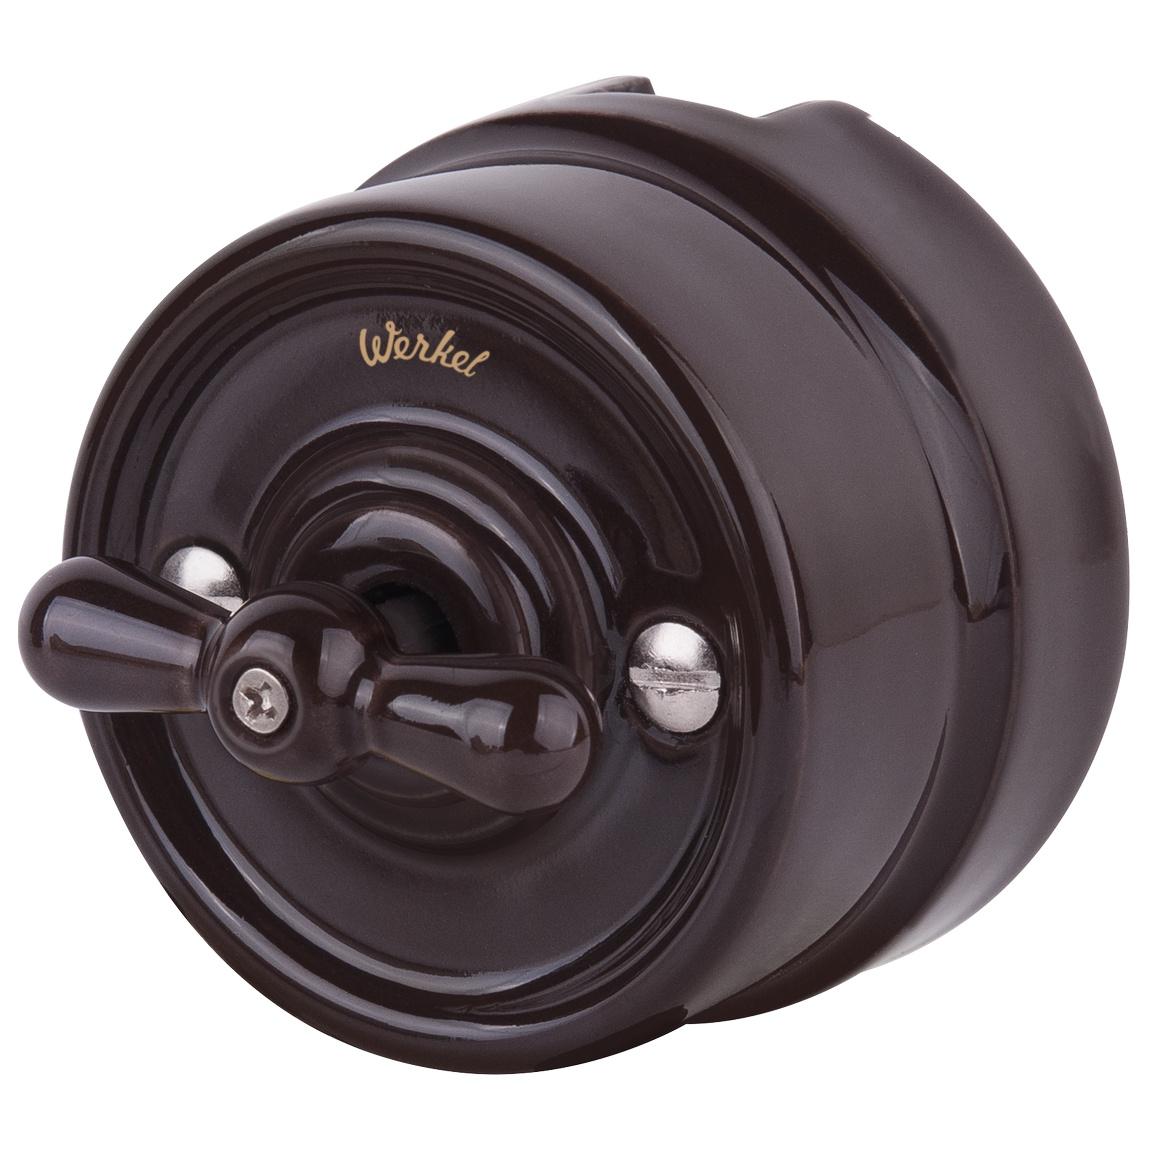 WL18-01-03/ Переключатель одноклавишный (коричневый) Ретро цена и фото